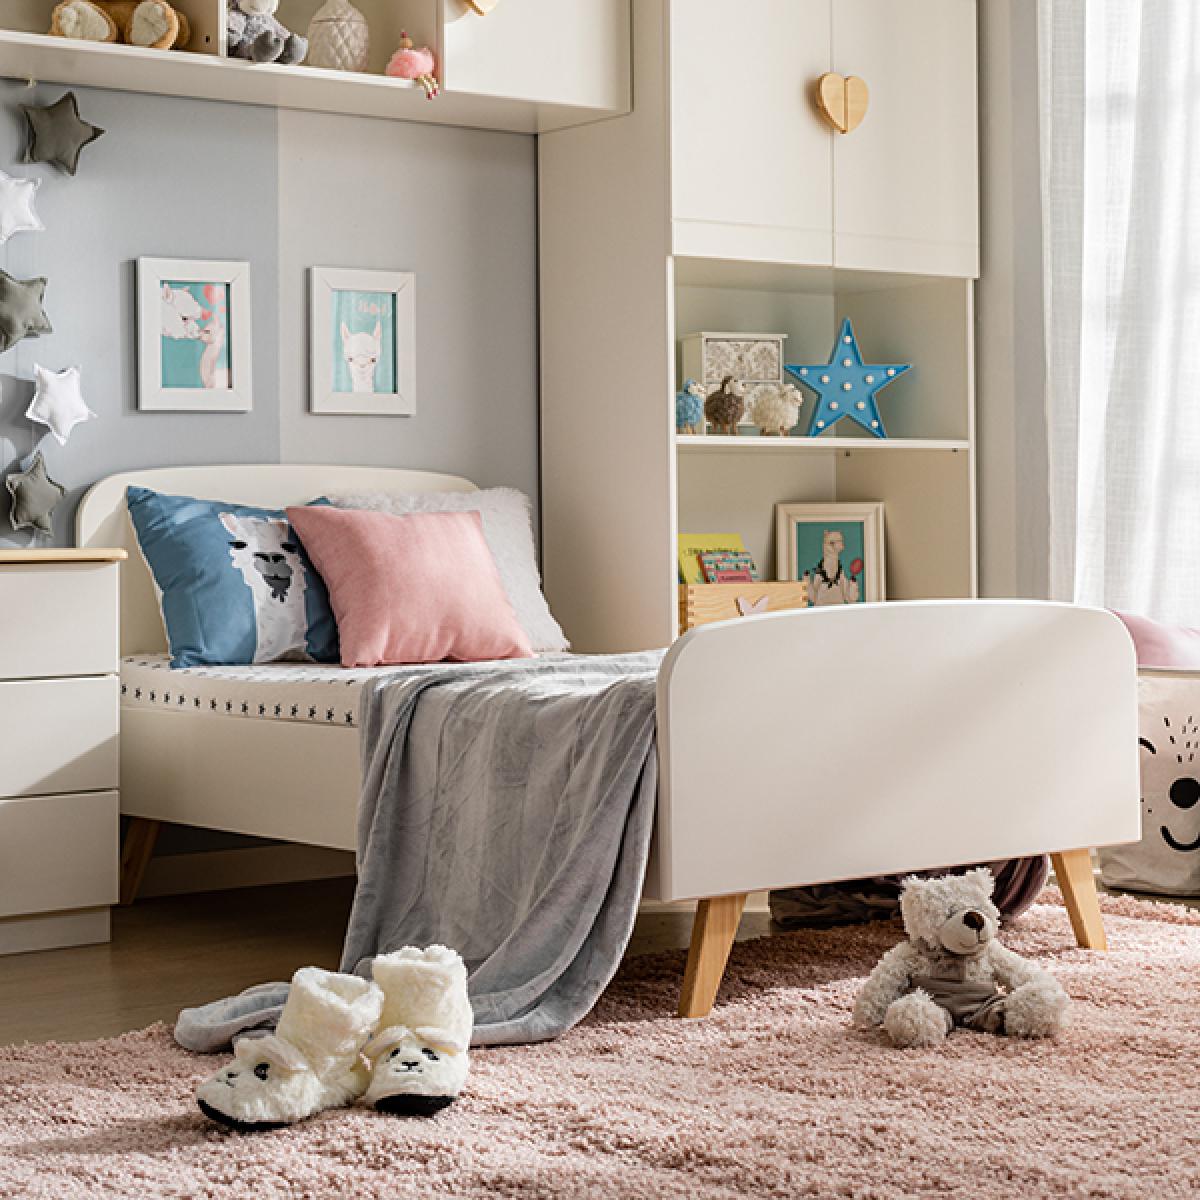 Кровать детская  на деревянных ножках Стандарт от ТМ Baby-Boo с матрасом